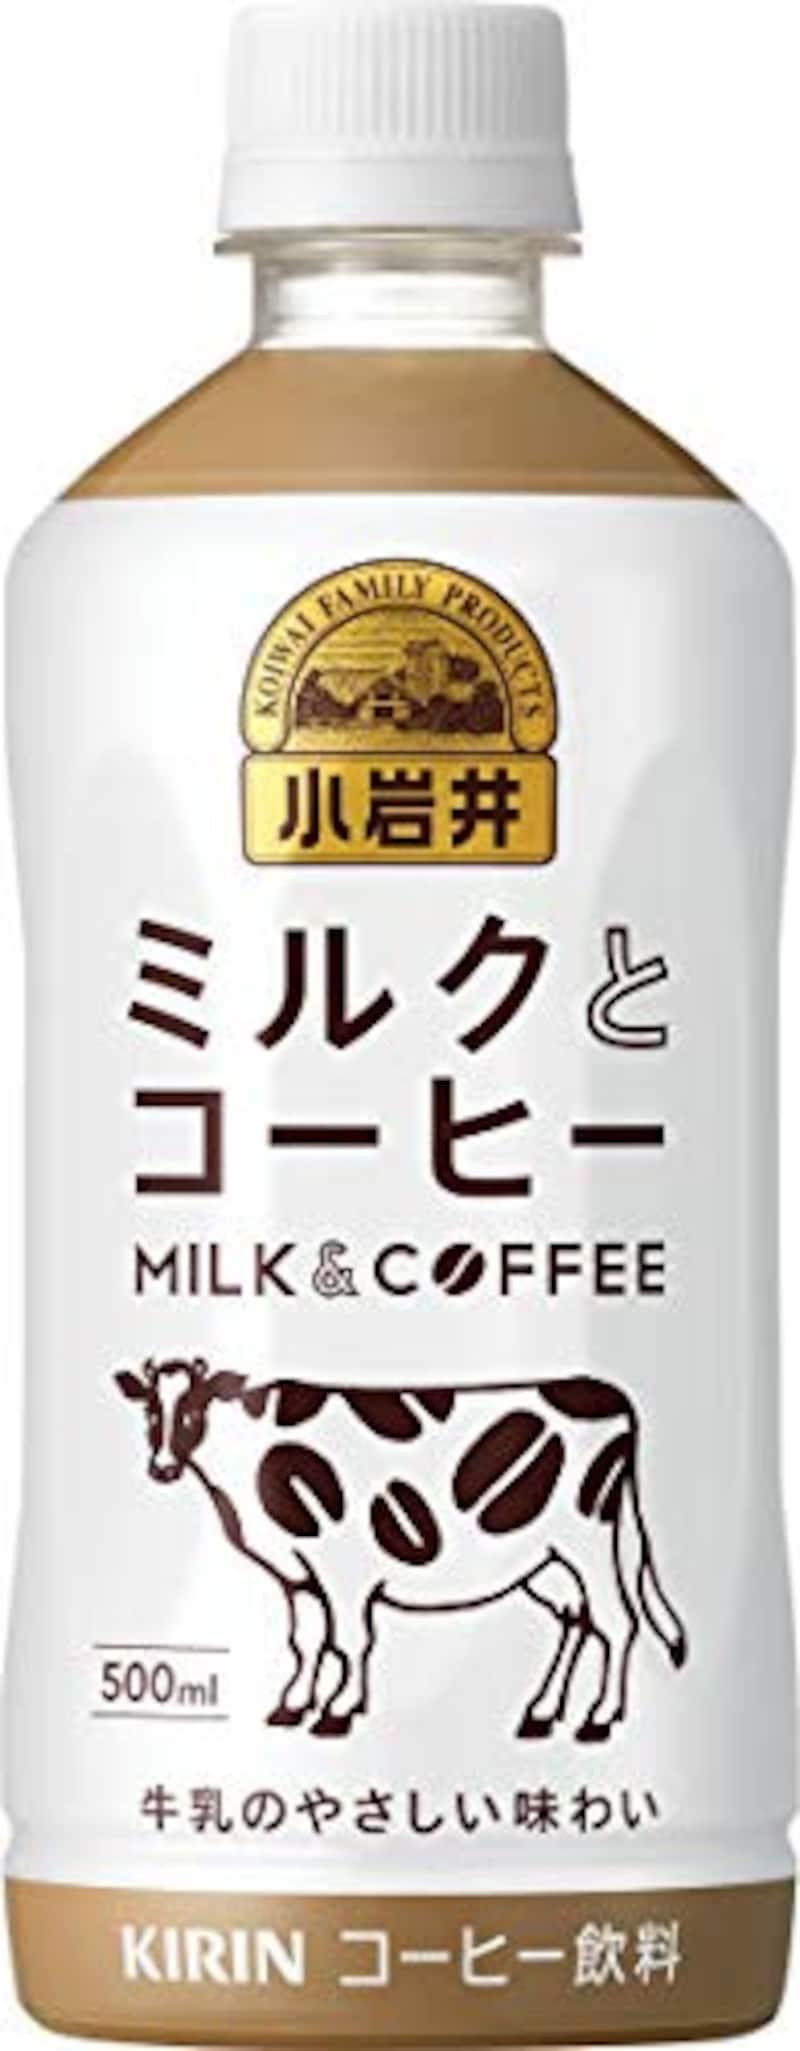 キリン,小岩井 ミルクとコーヒー 500mlPET ×24本